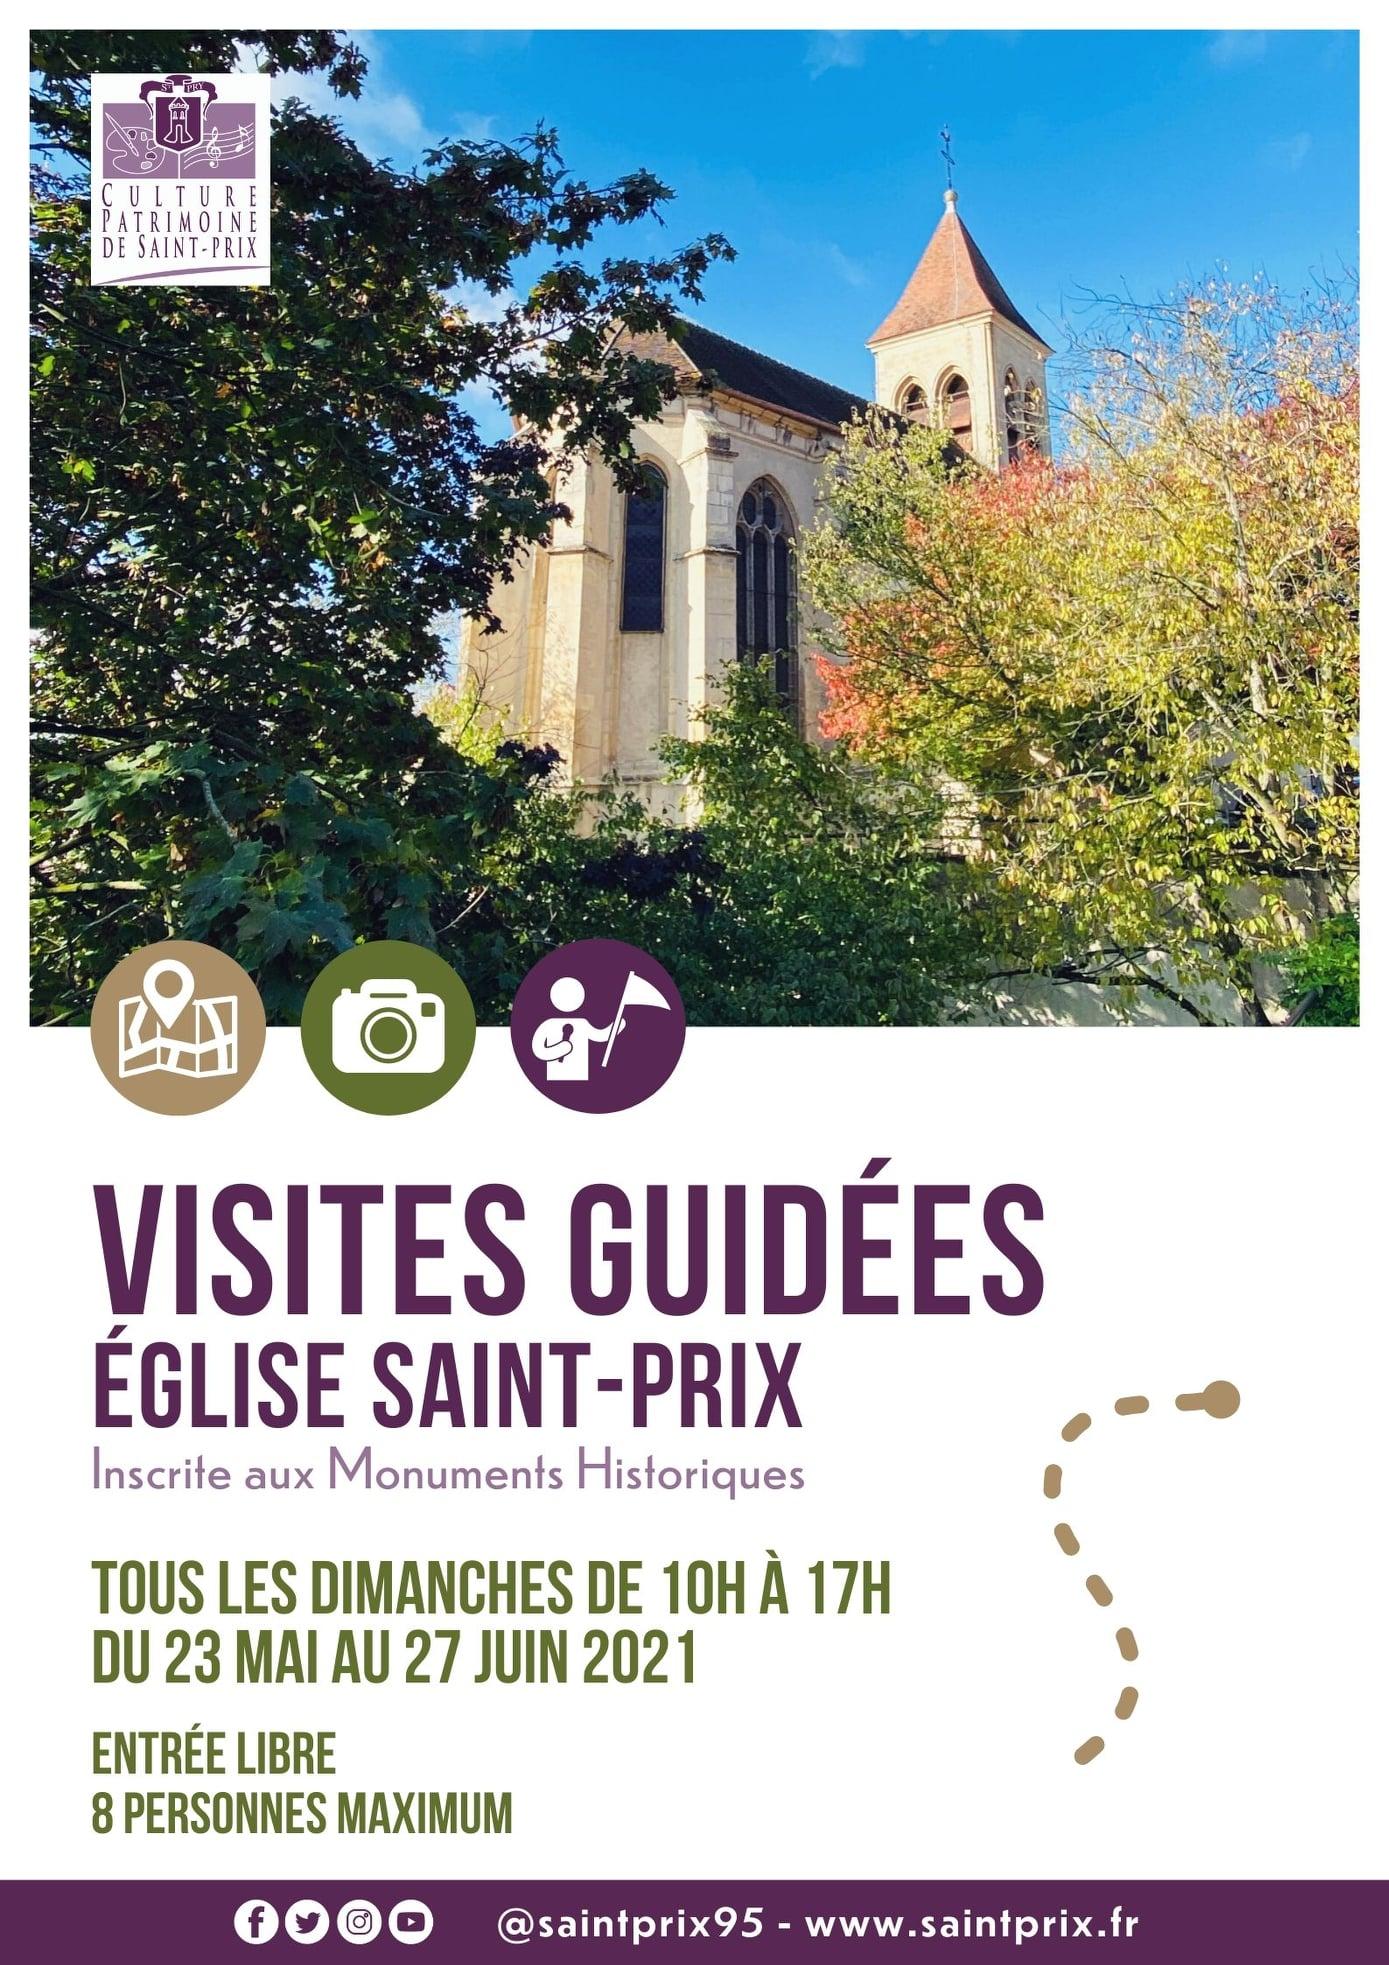 Visites église Saint Prix 2021